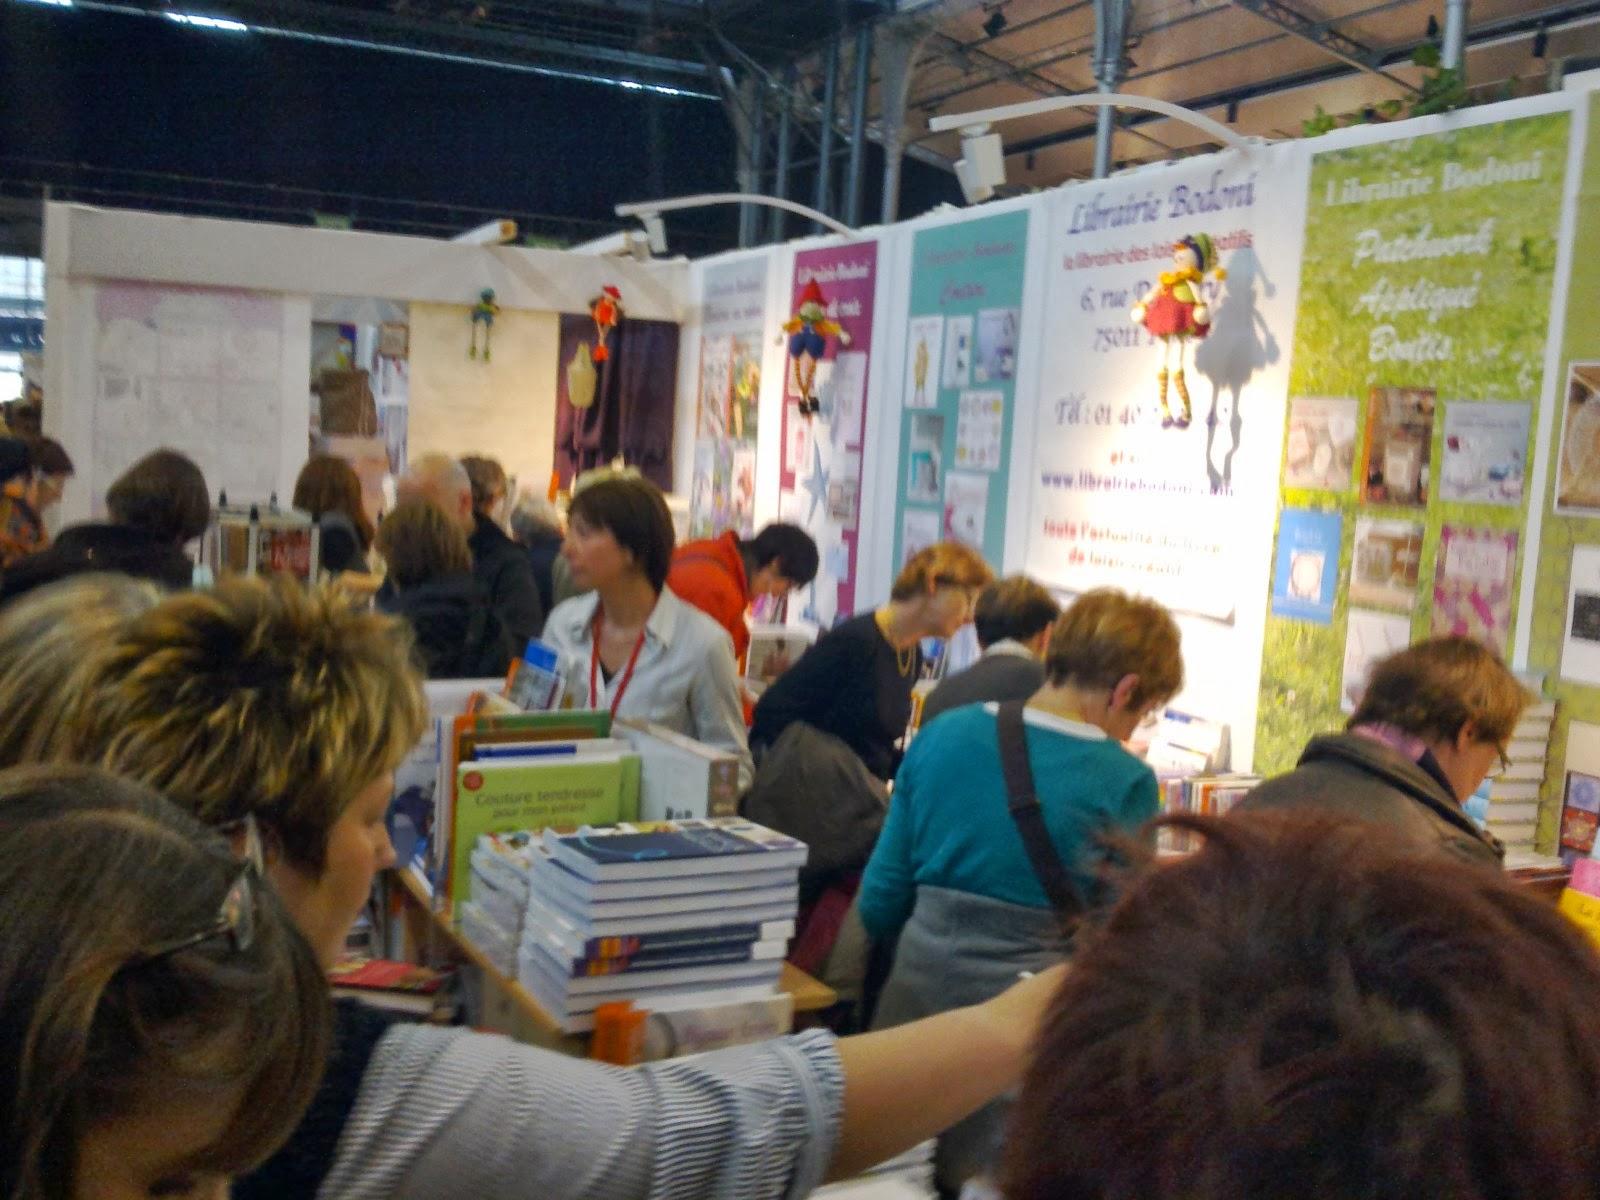 Christelle beneytout le blog salon cr ativa nantes - Salon creativa nantes ...